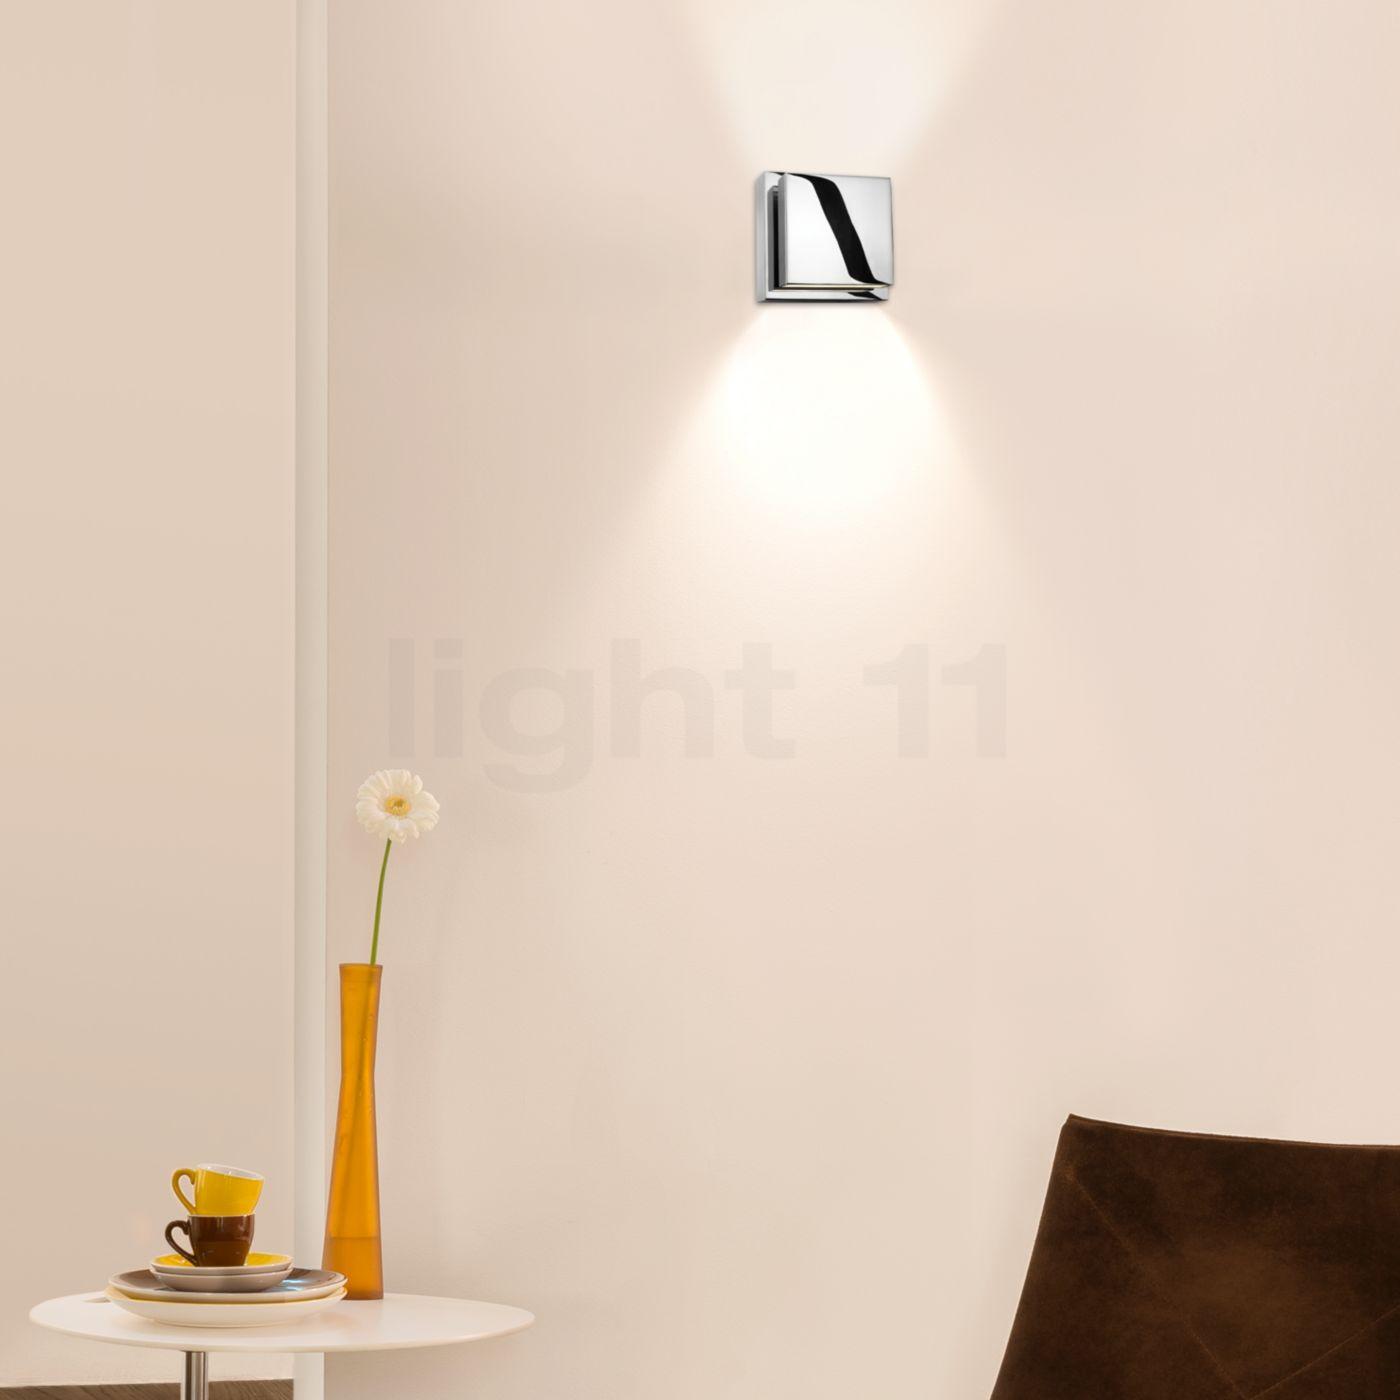 Bruck_Scobo_Up_Down_W--61c64988de5dab0155e234e75fdc5478 Faszinierend Up Down Lampe Dekorationen